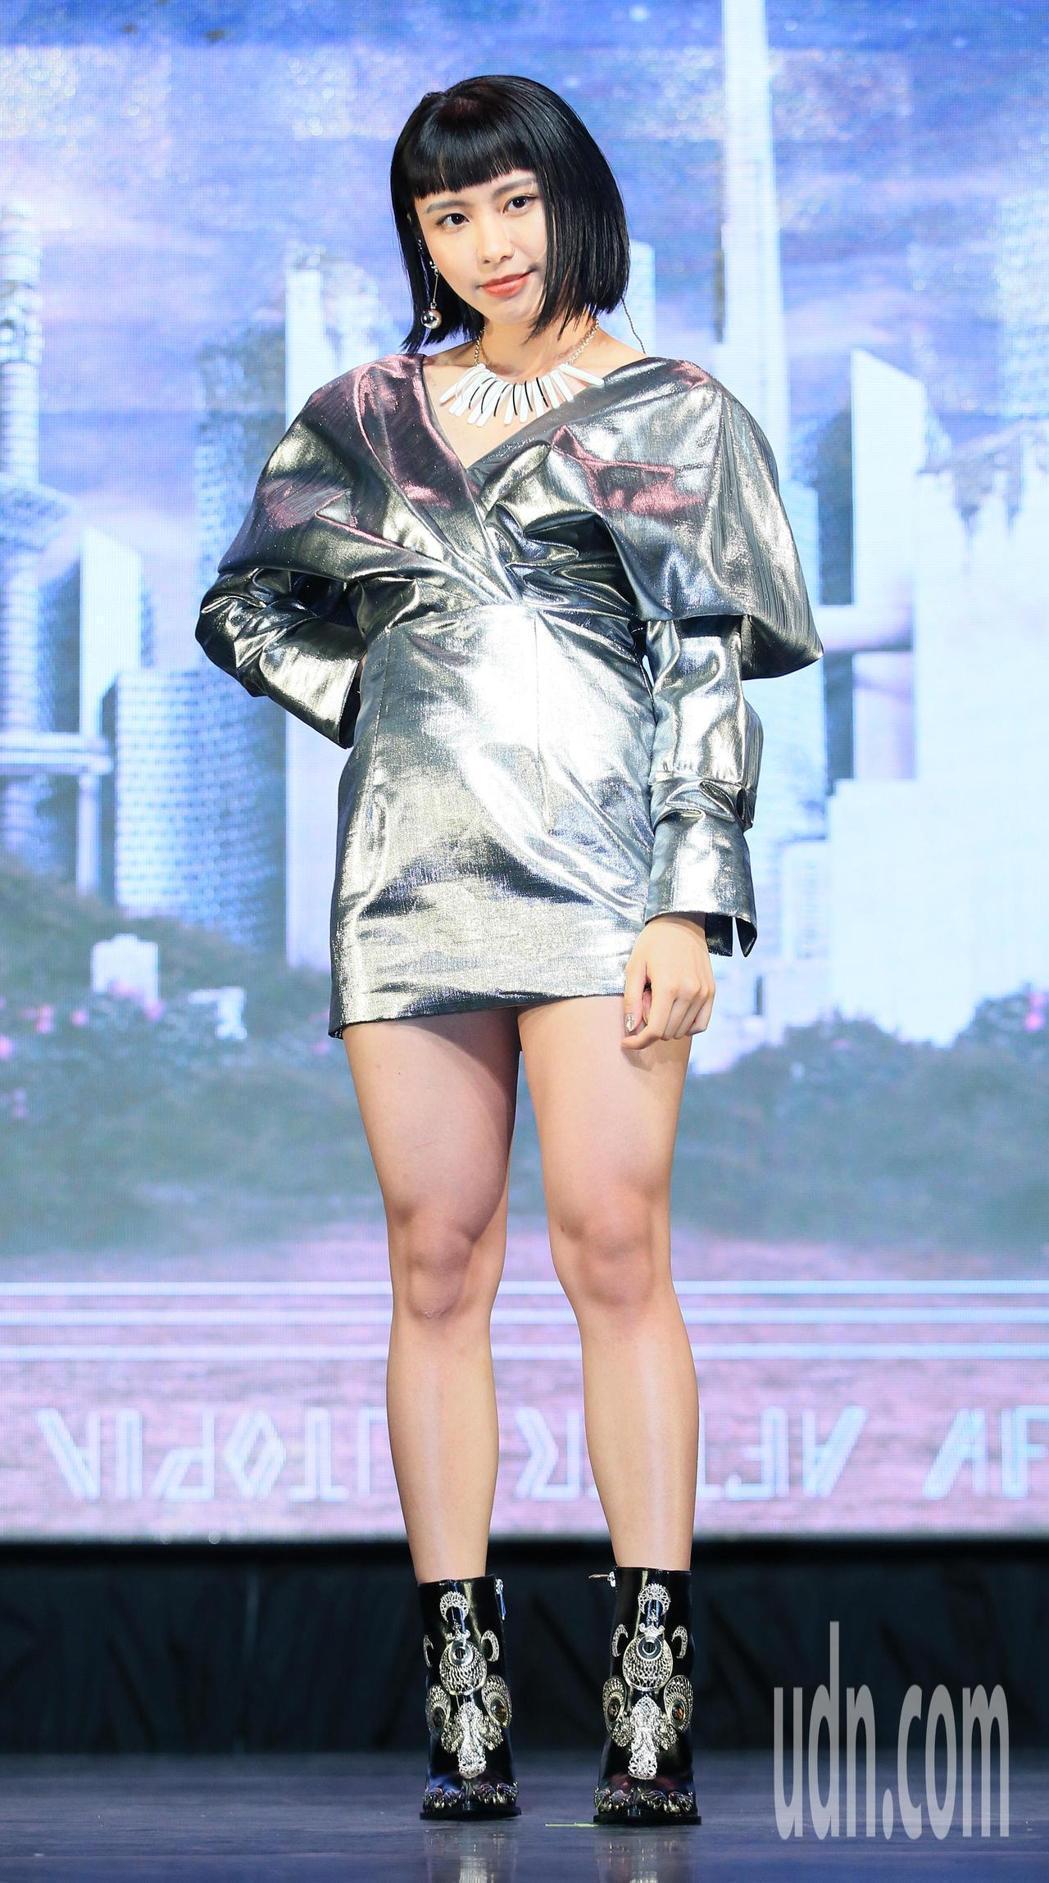 李芷婷推出首張專輯「美麗舊世界」。記者潘俊宏/攝影